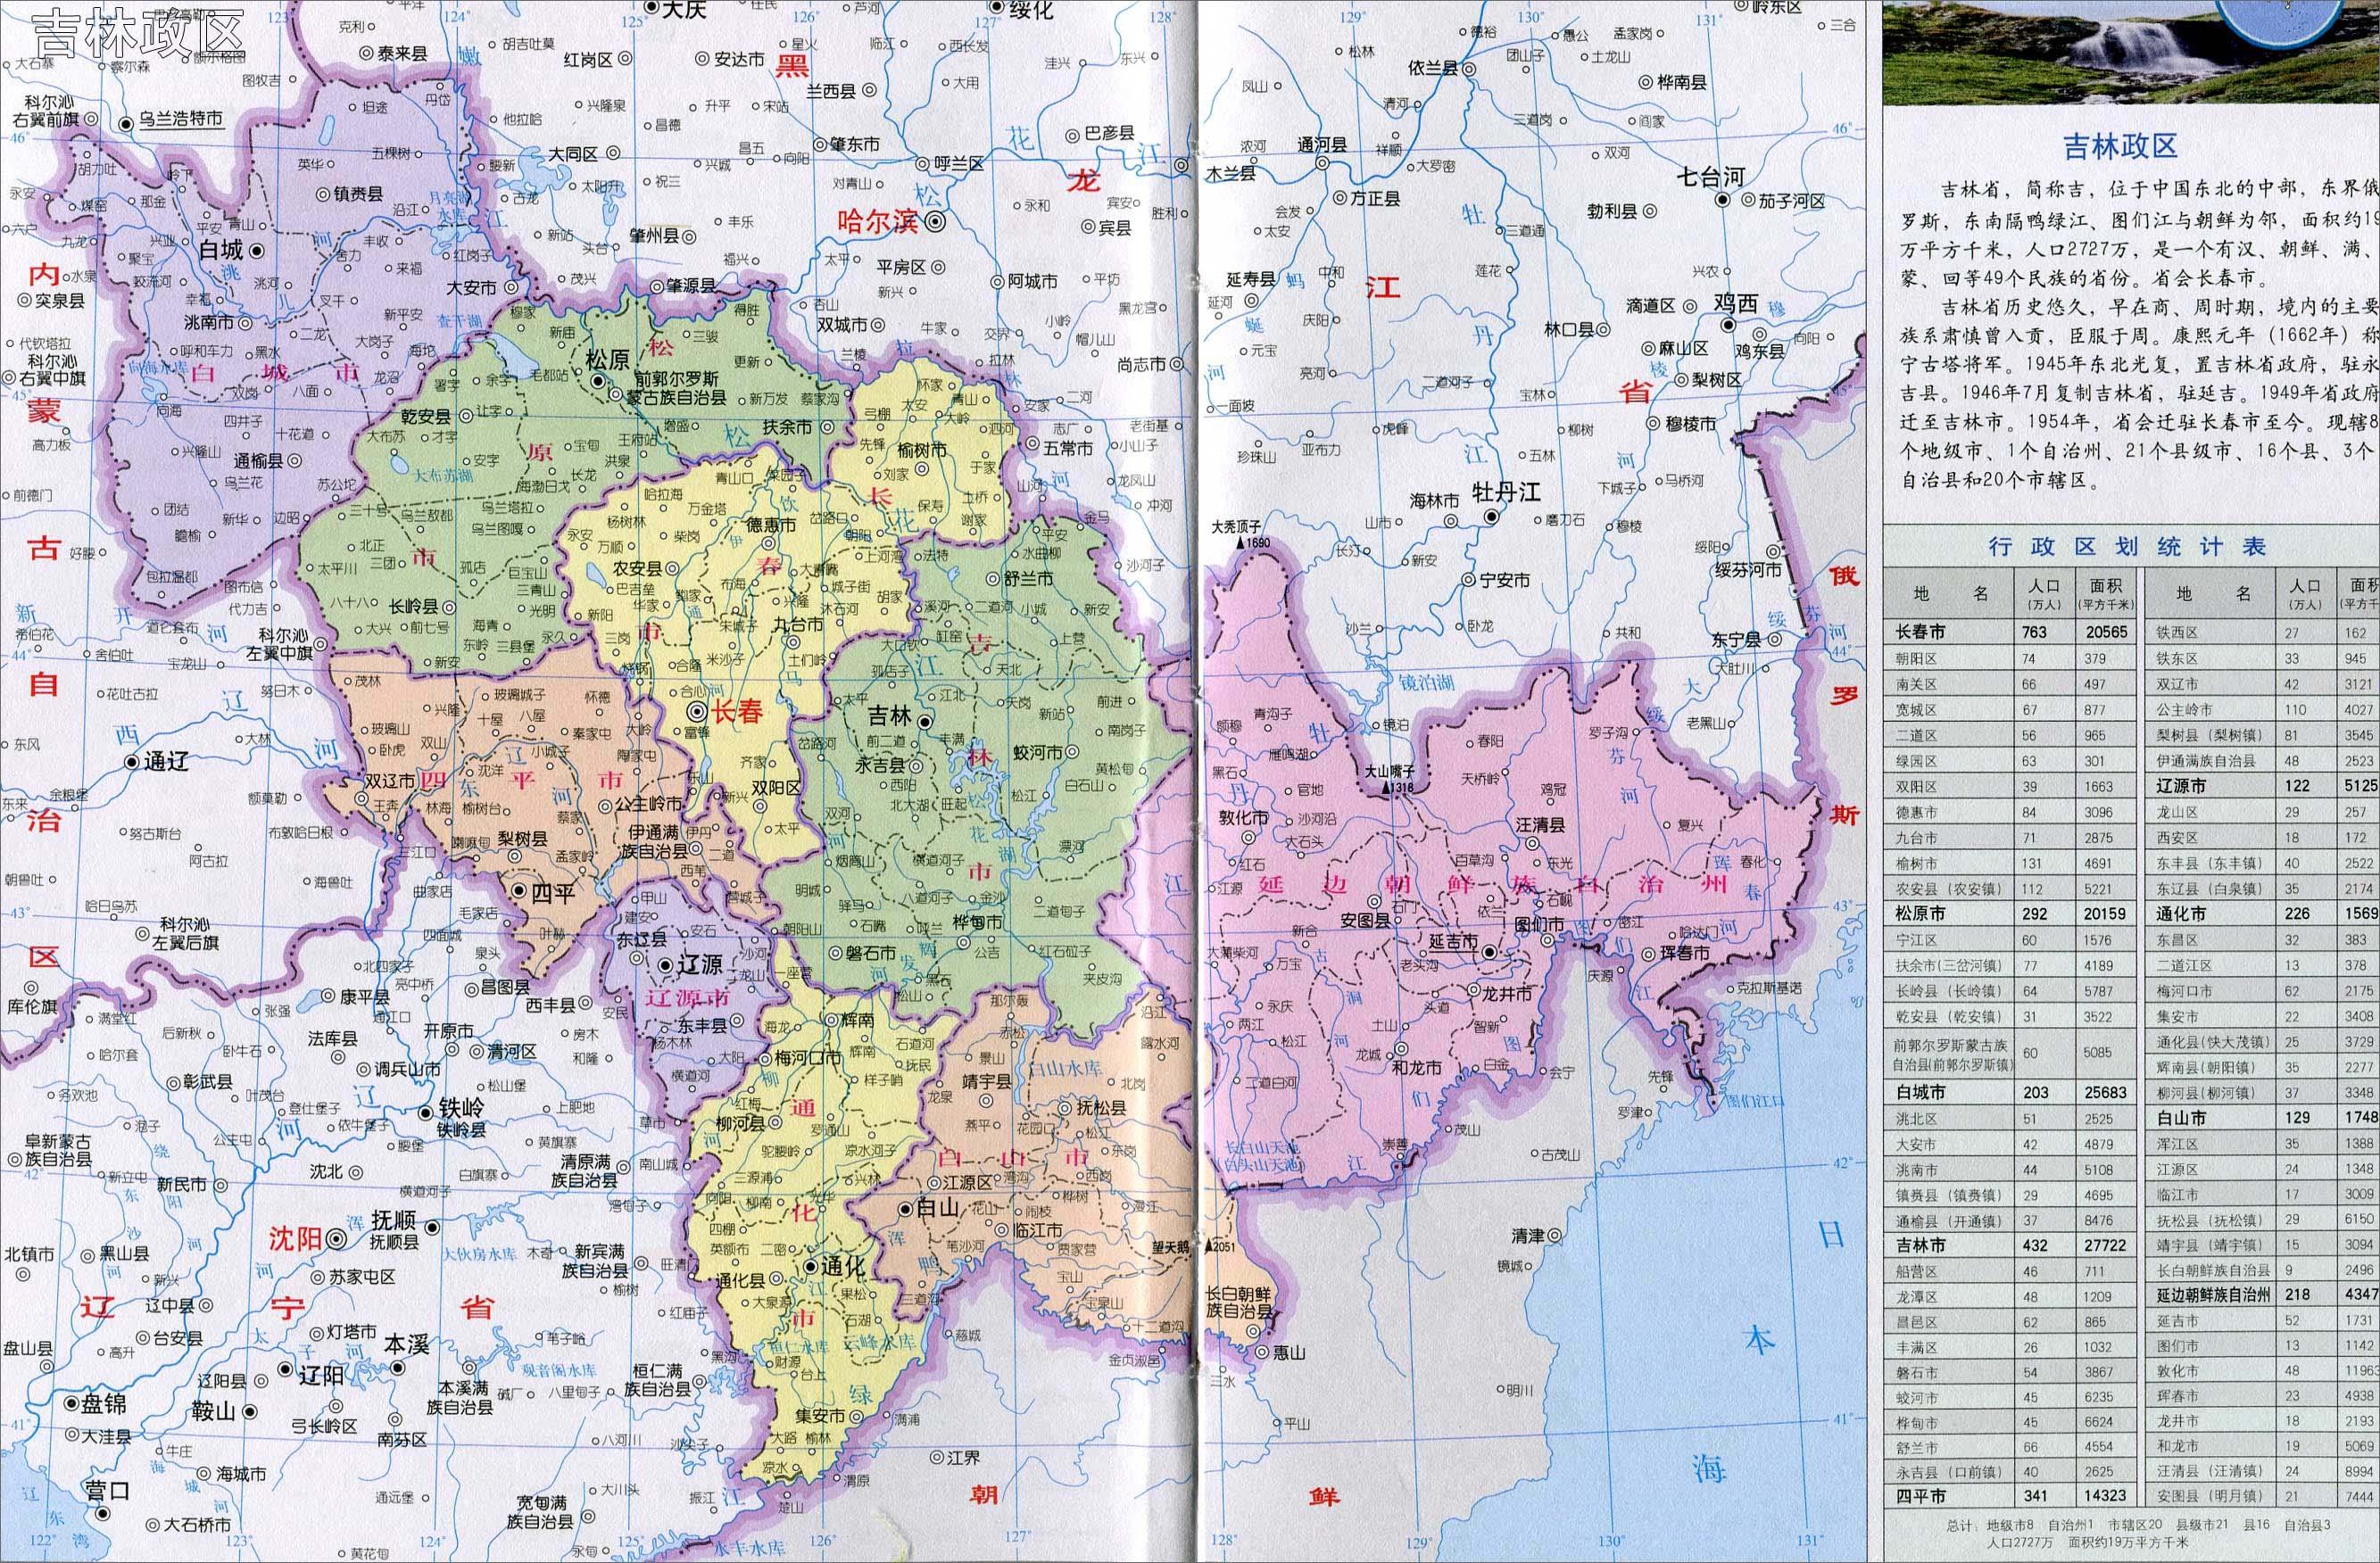 内蒙古地图全图大图_吉林地图全图高清版_地图窝